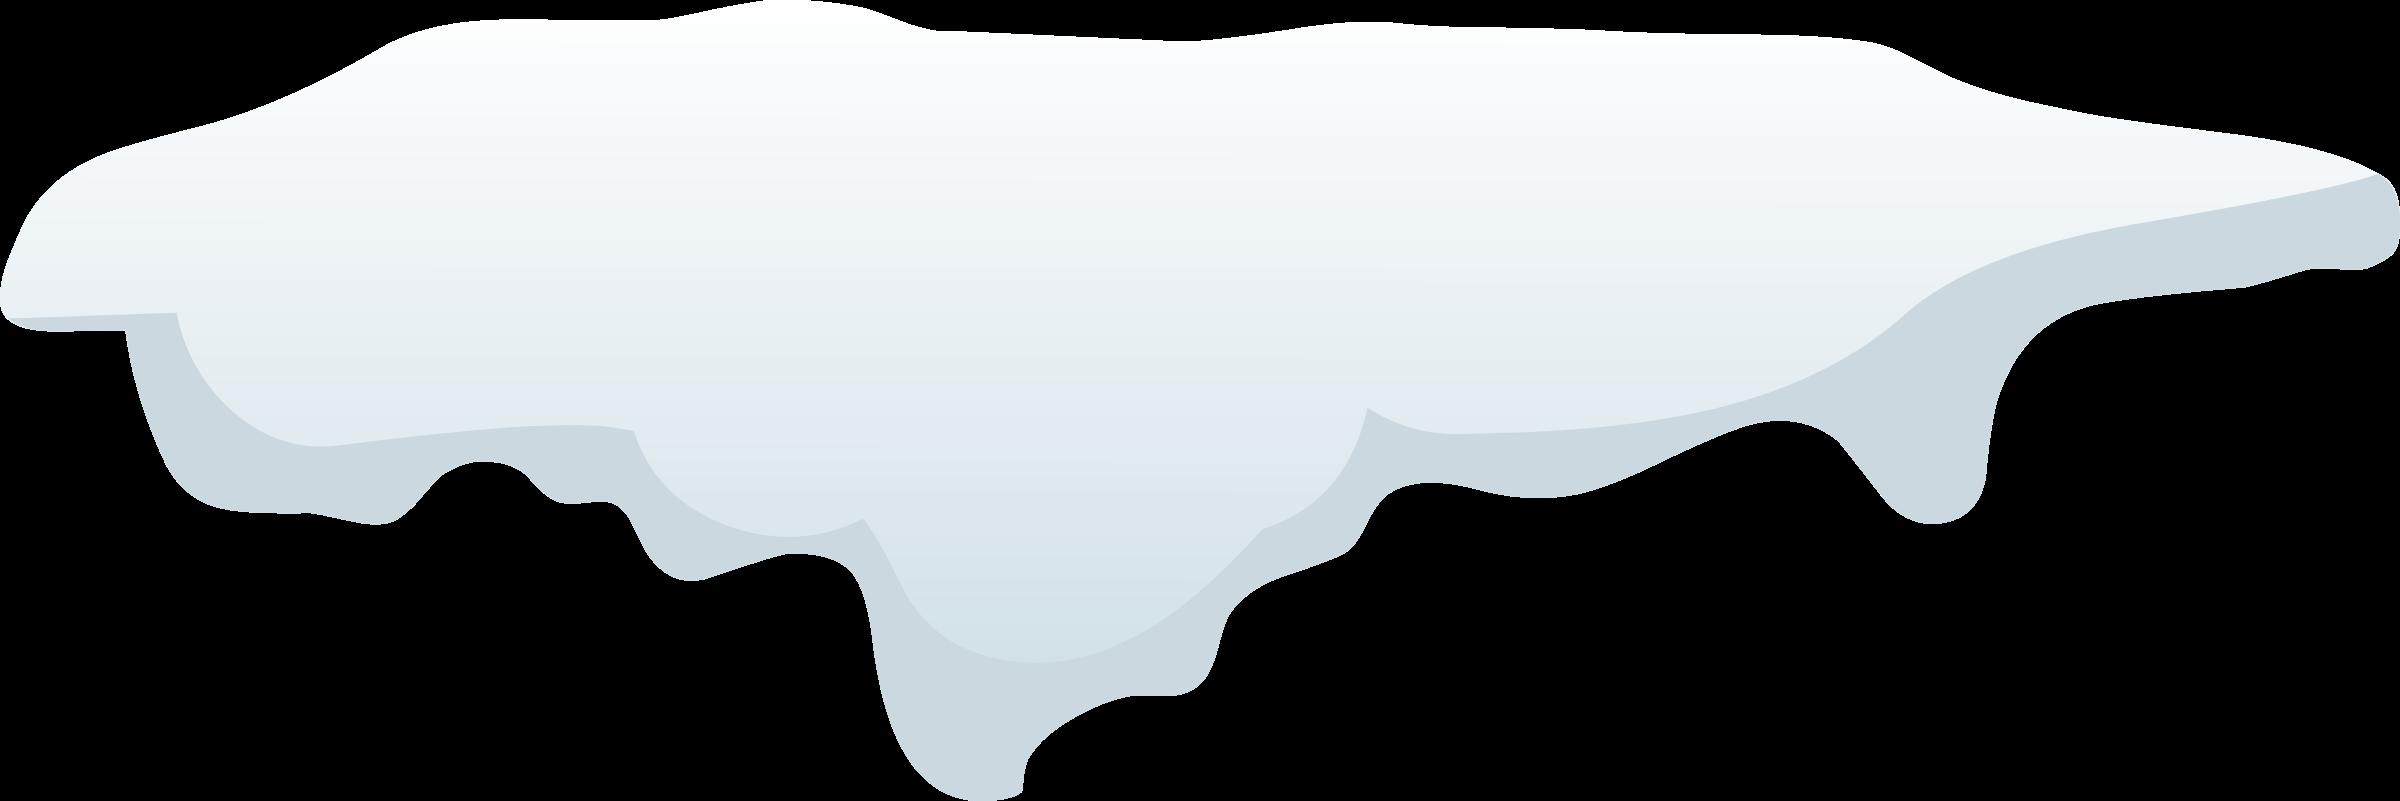 Glitch clipart silhouette (PNG) IMAGE Alpine BIG Cap